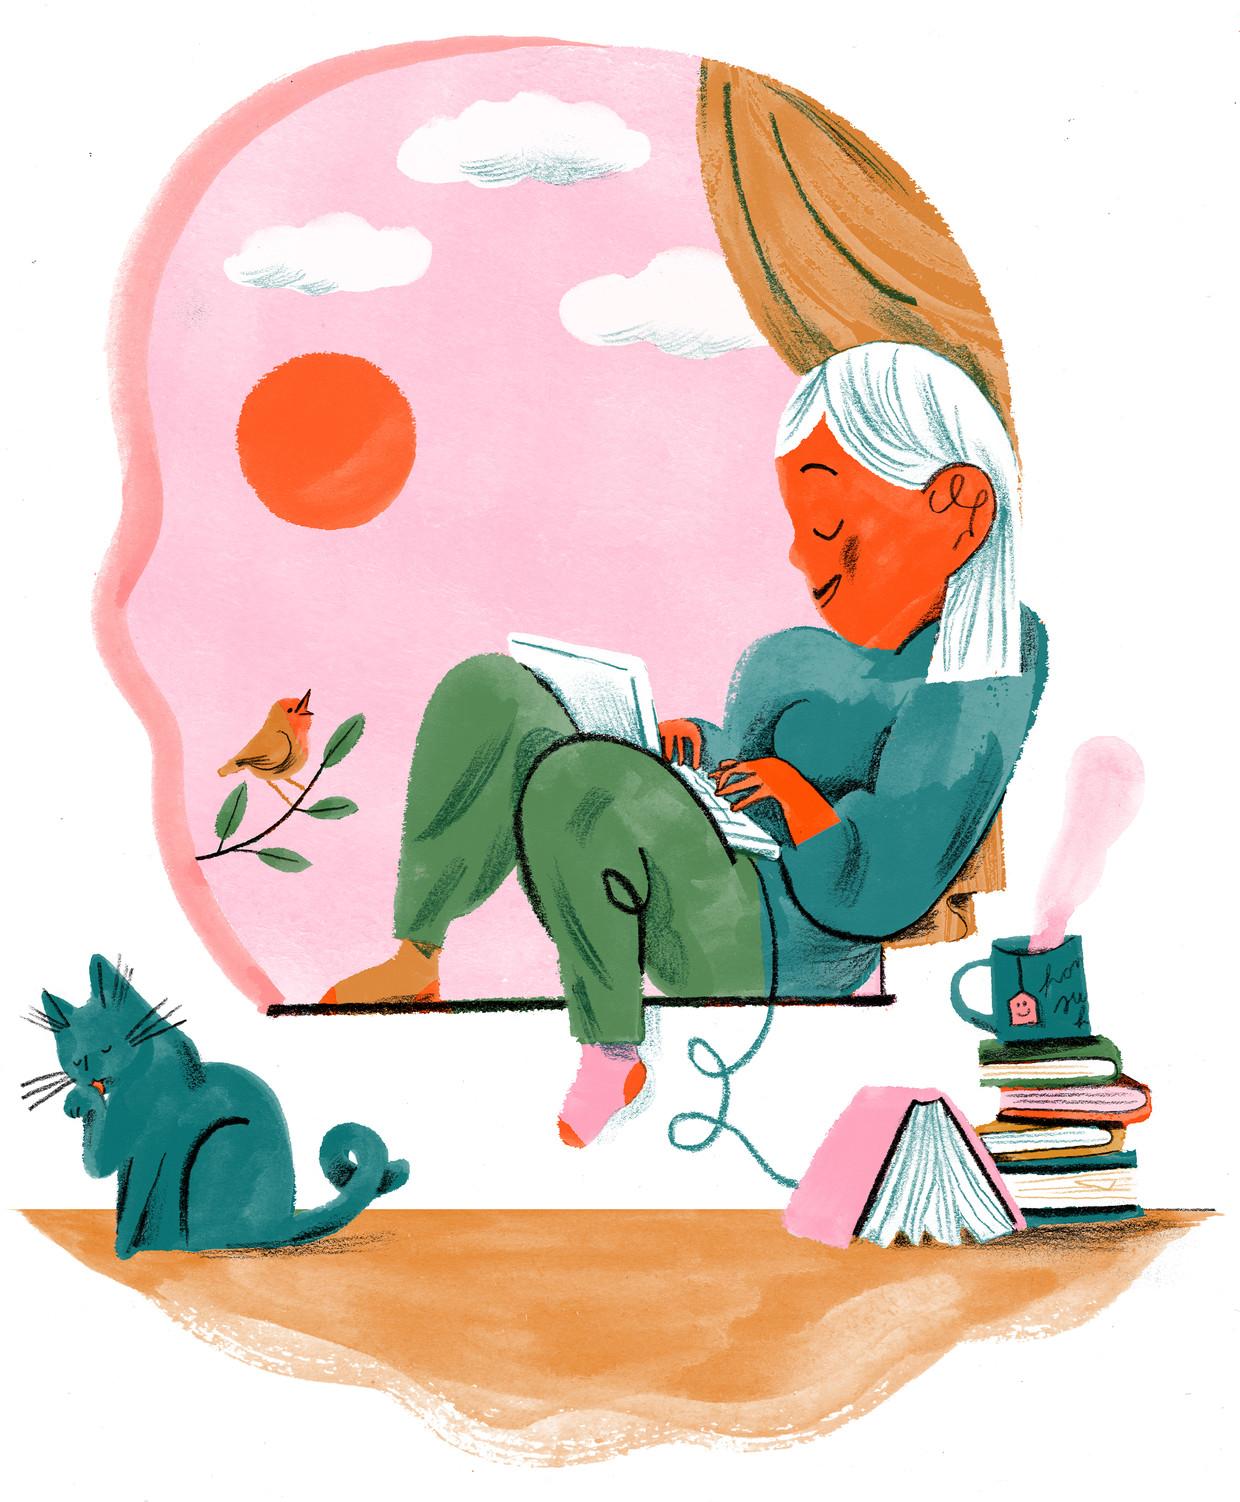 Susan Cain, auteur van bestseller 'Quiet': 'We geloven dat alle creativiteit en productiviteit voortkomt uit groepsdenken, maar succesvolle mensen hebben vaak ook een duidelijke introverte kant.'